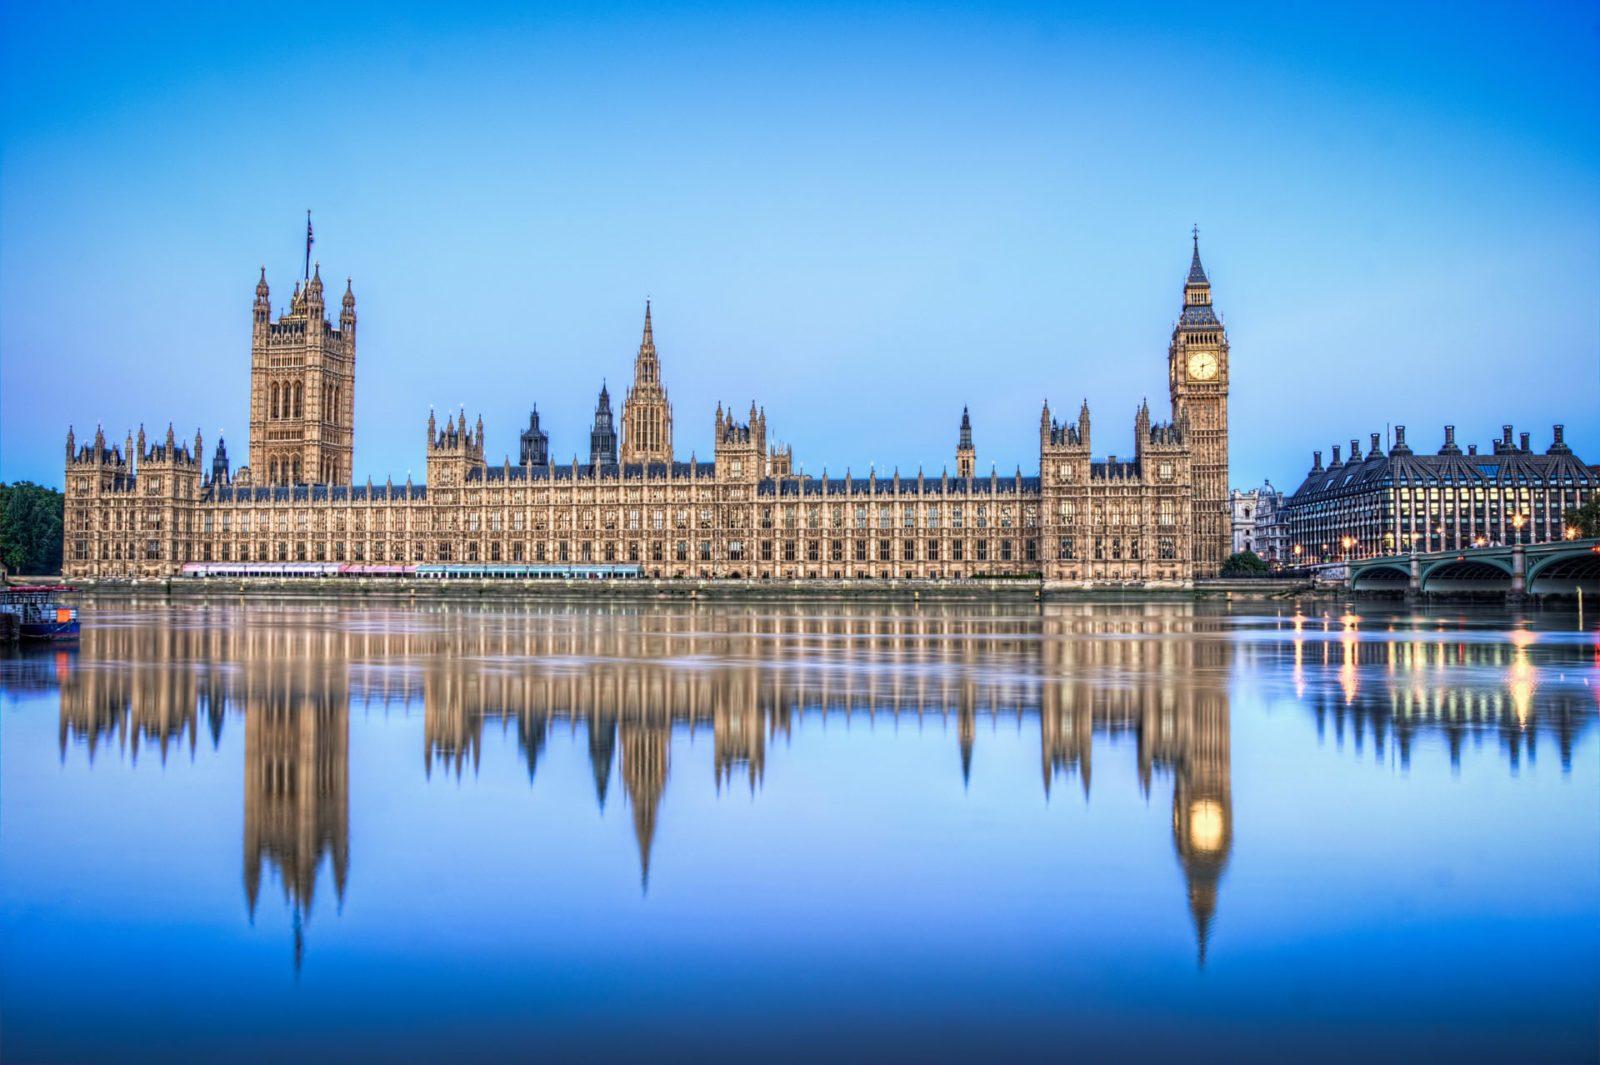 خيارات خروج بريطانيا من الاتحاد الأوروبي